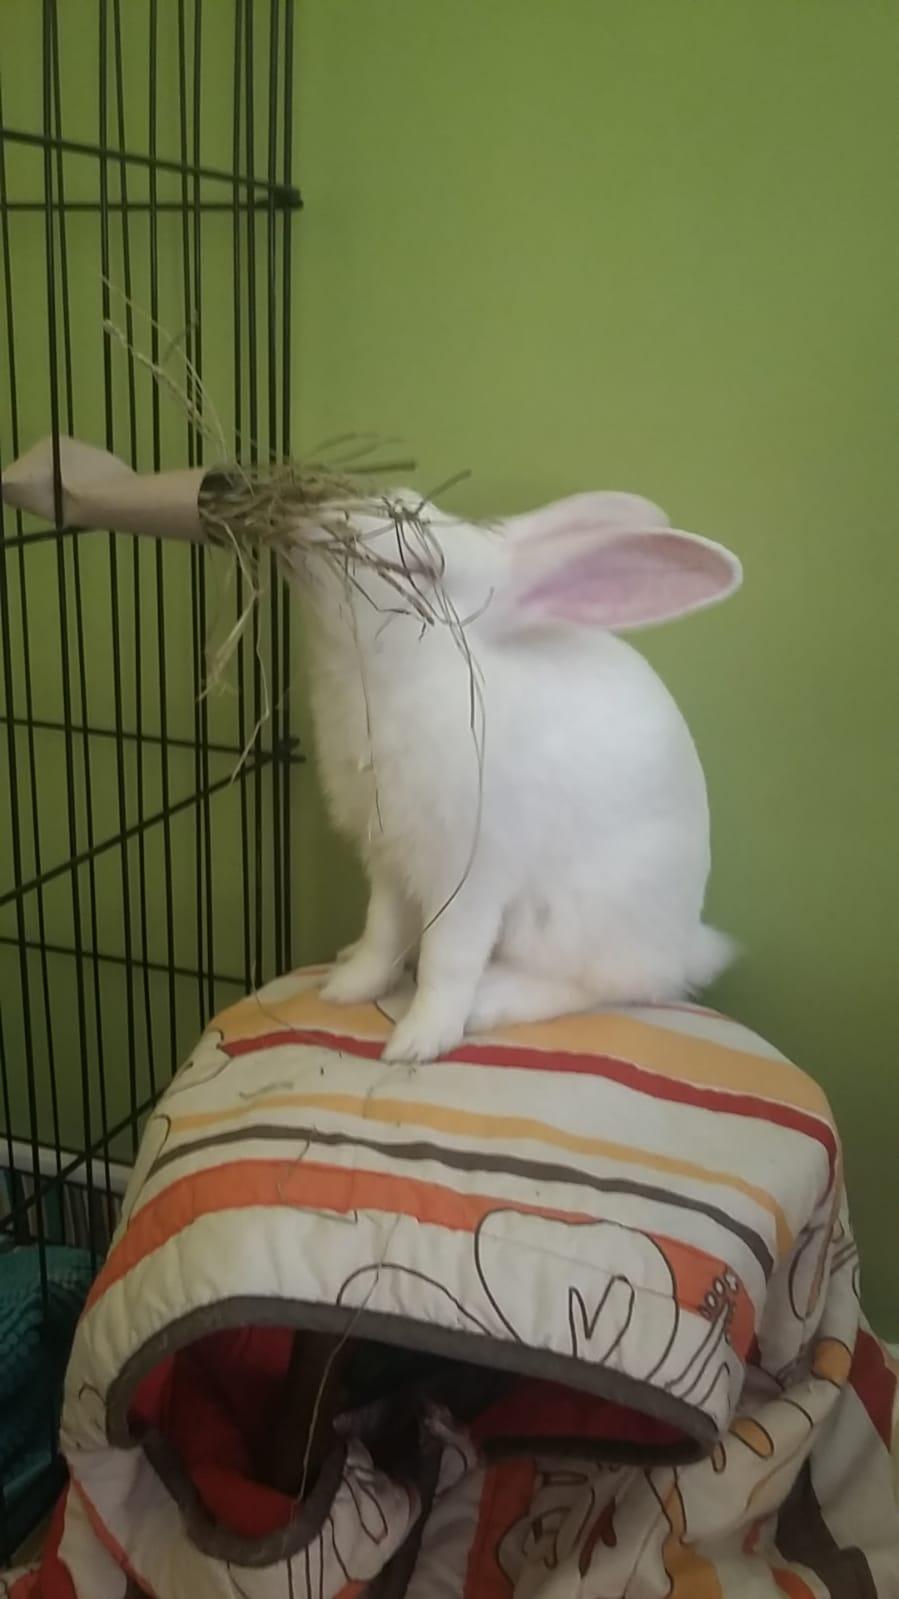 [White Rabbit]Lapins réhabilités de laboratoire à parrainer  - Page 2 05059310